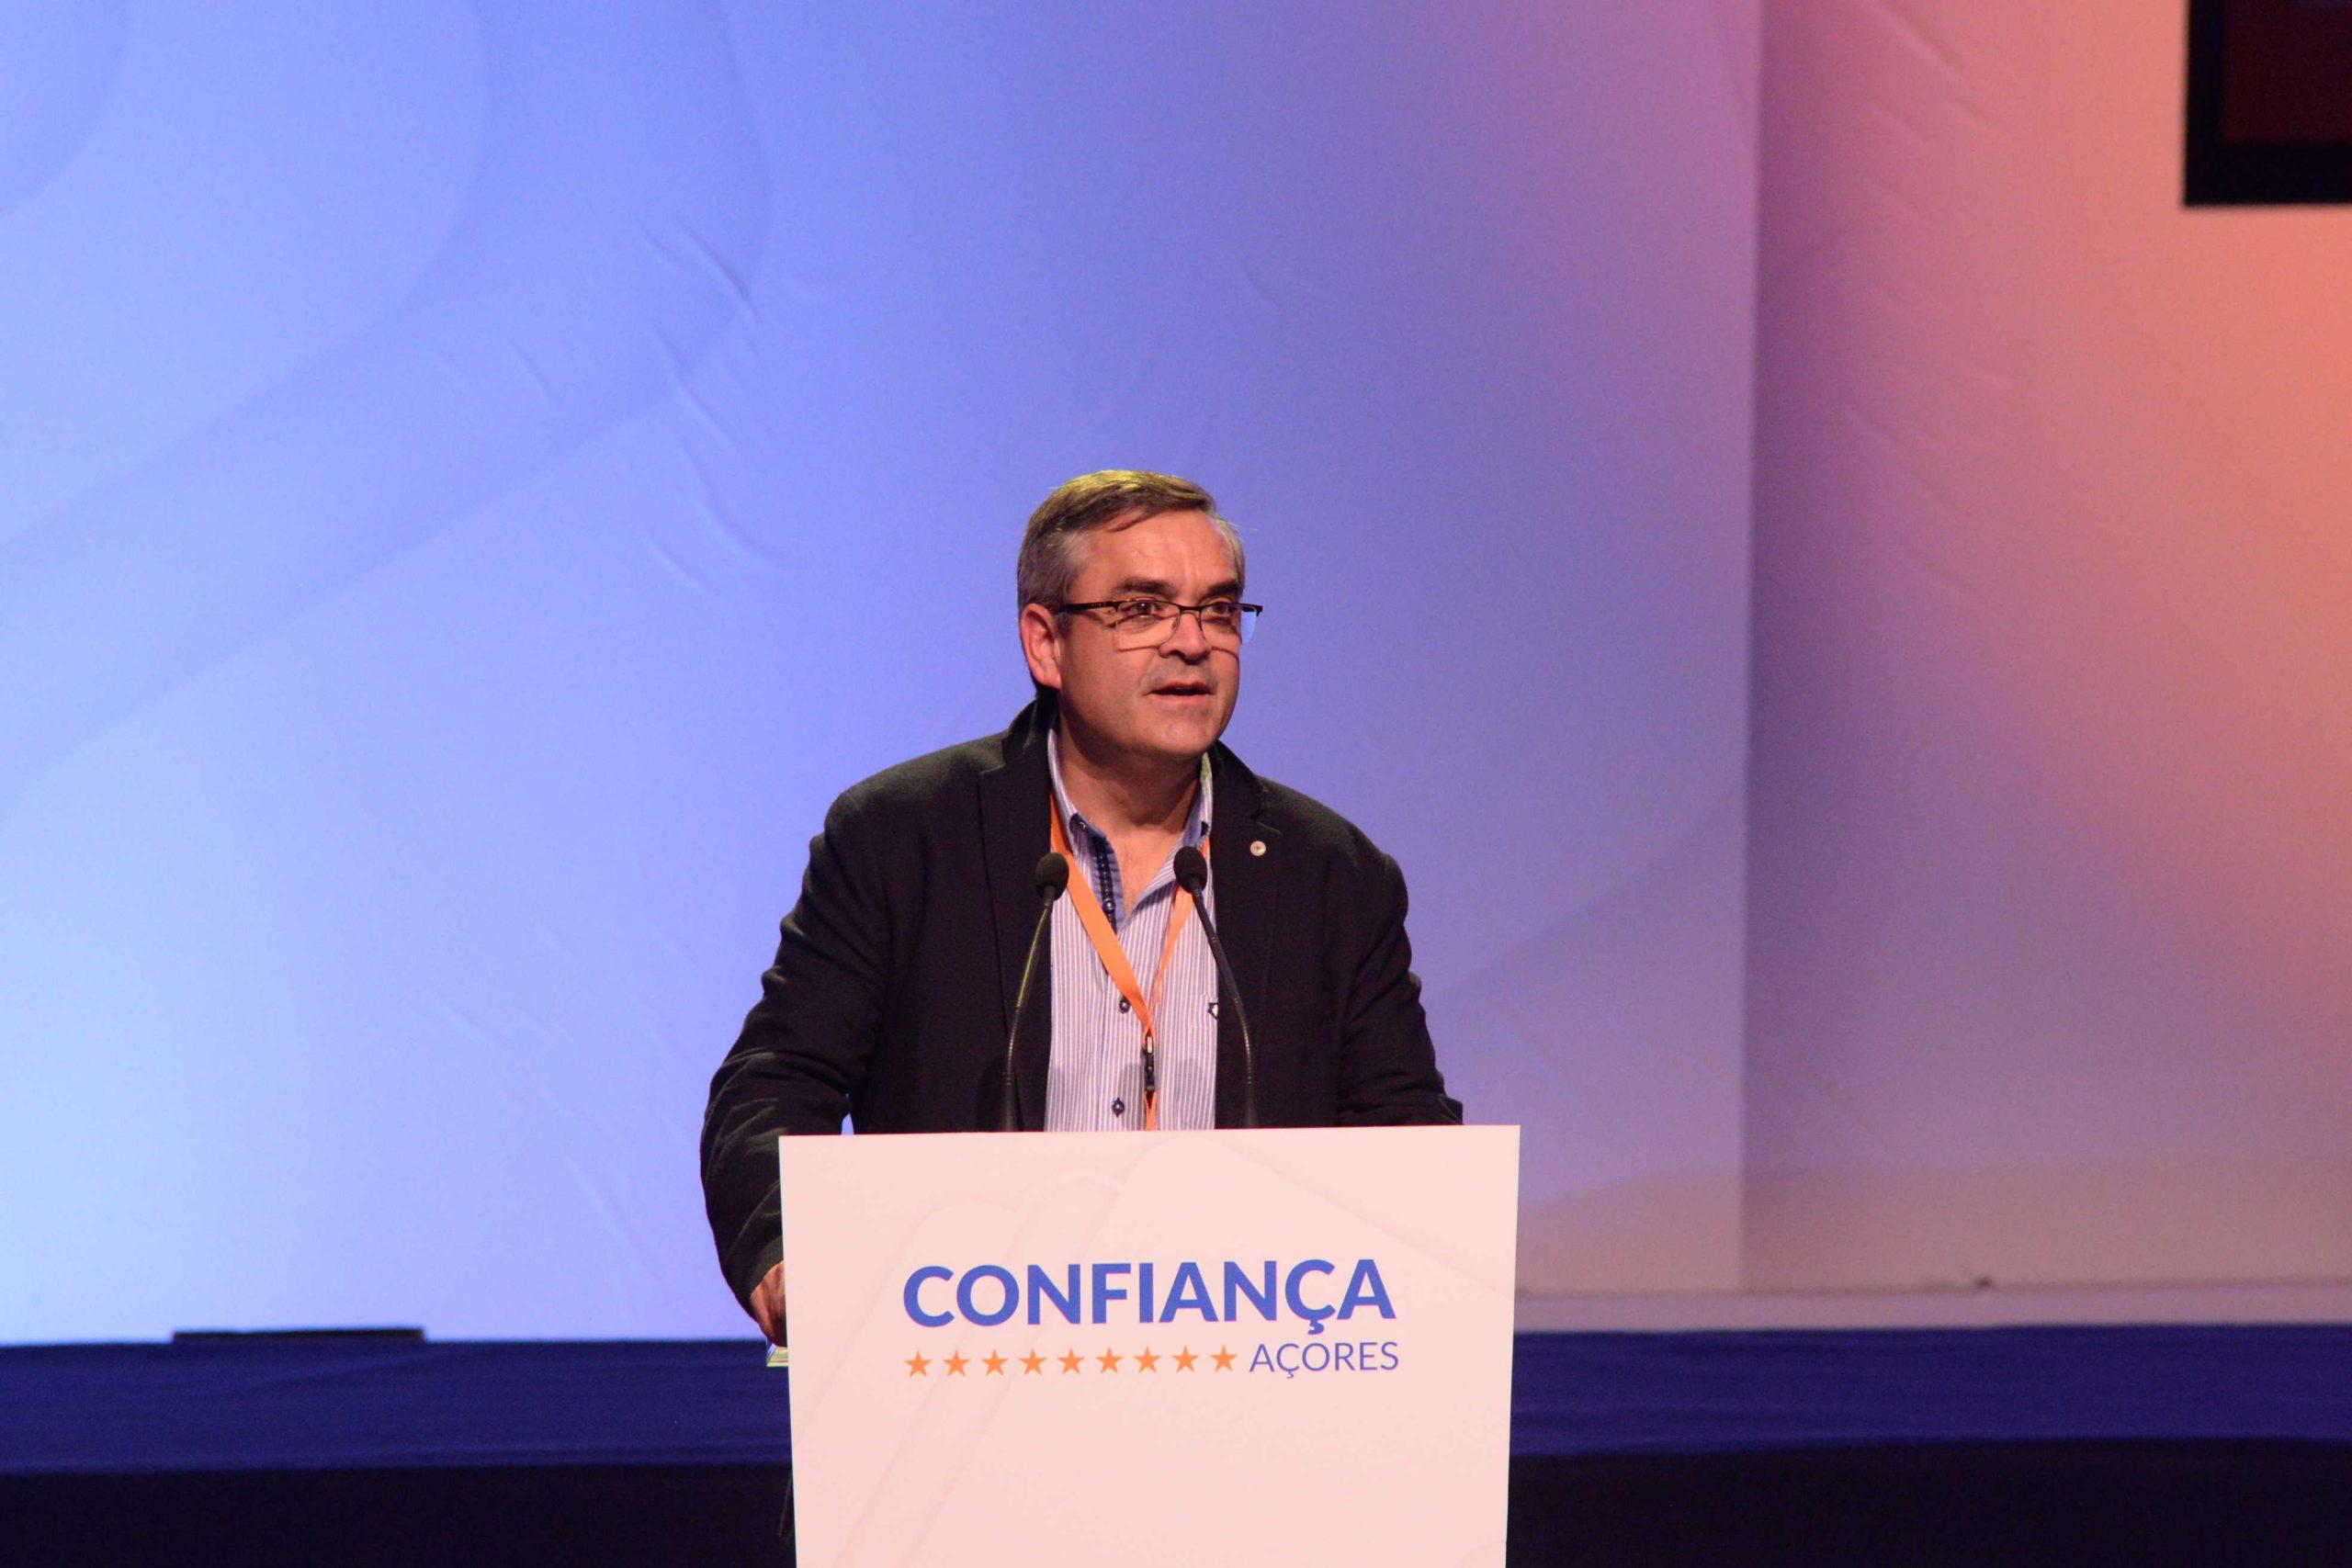 Repartições de finanças de Velas e Calheta deixam de aceitar pagamentos em dinheiro, lamenta Paulo Silveira